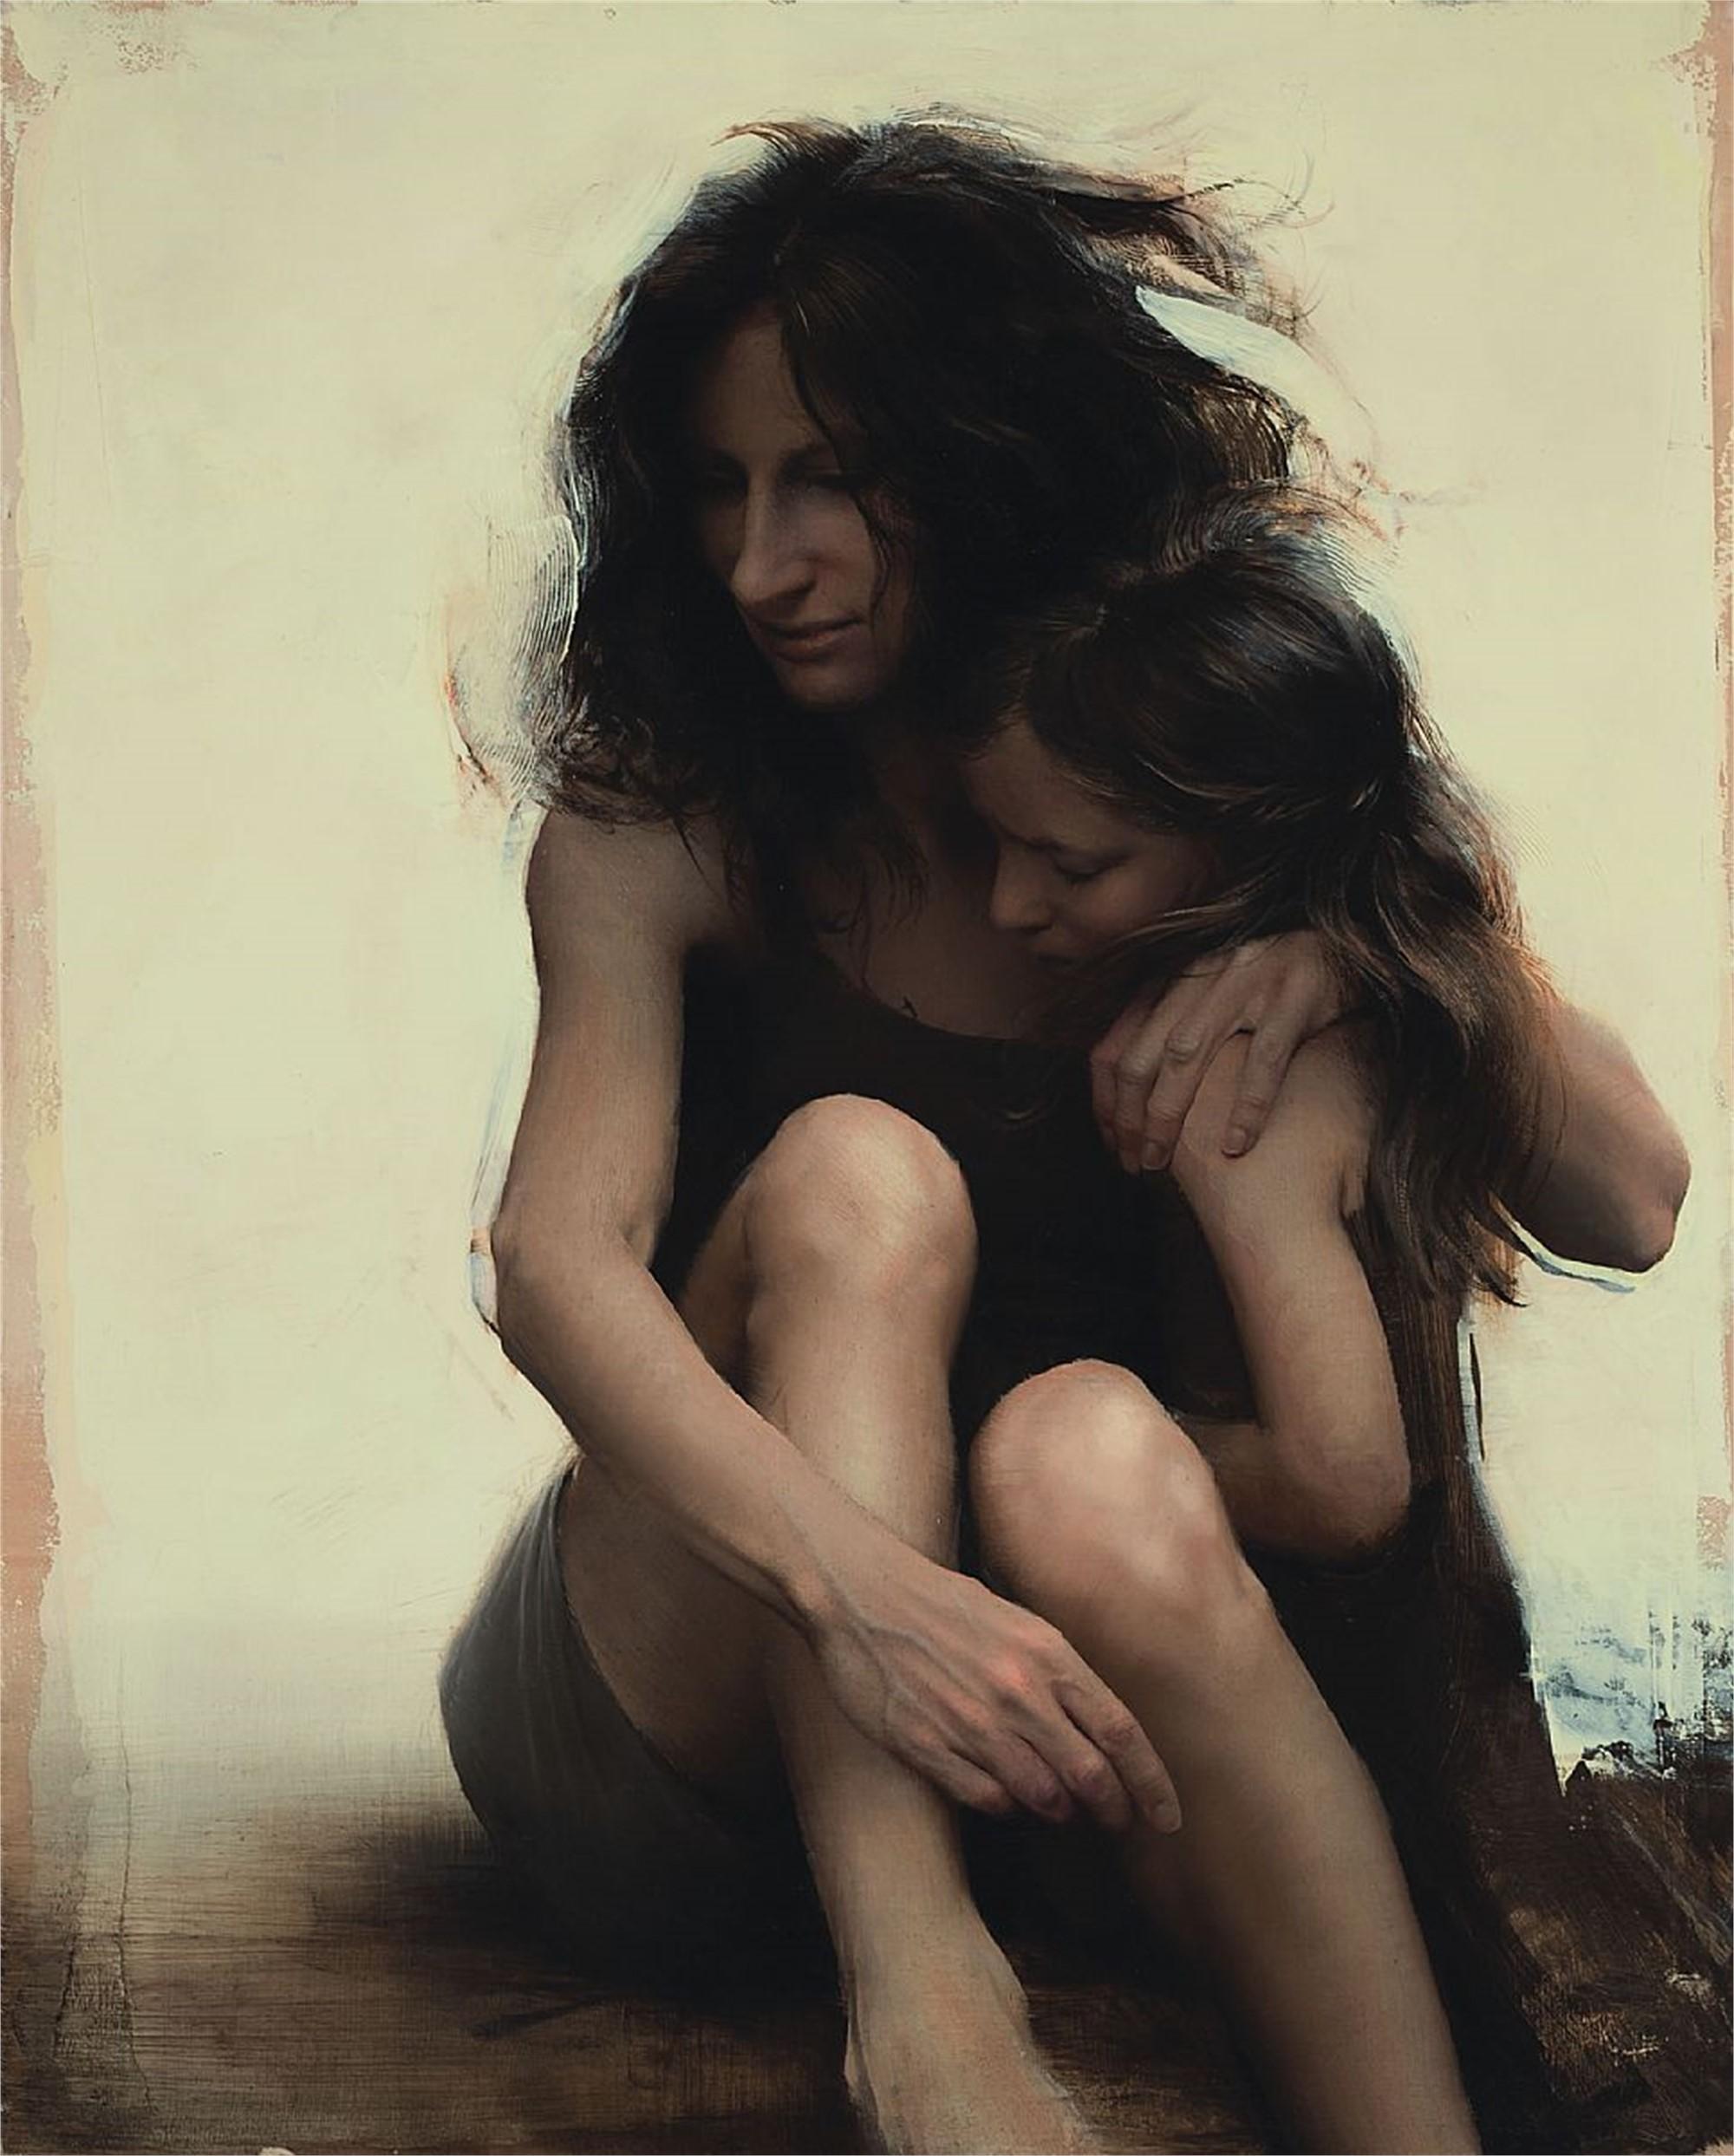 Katie with Lulu by Daniel Sprick